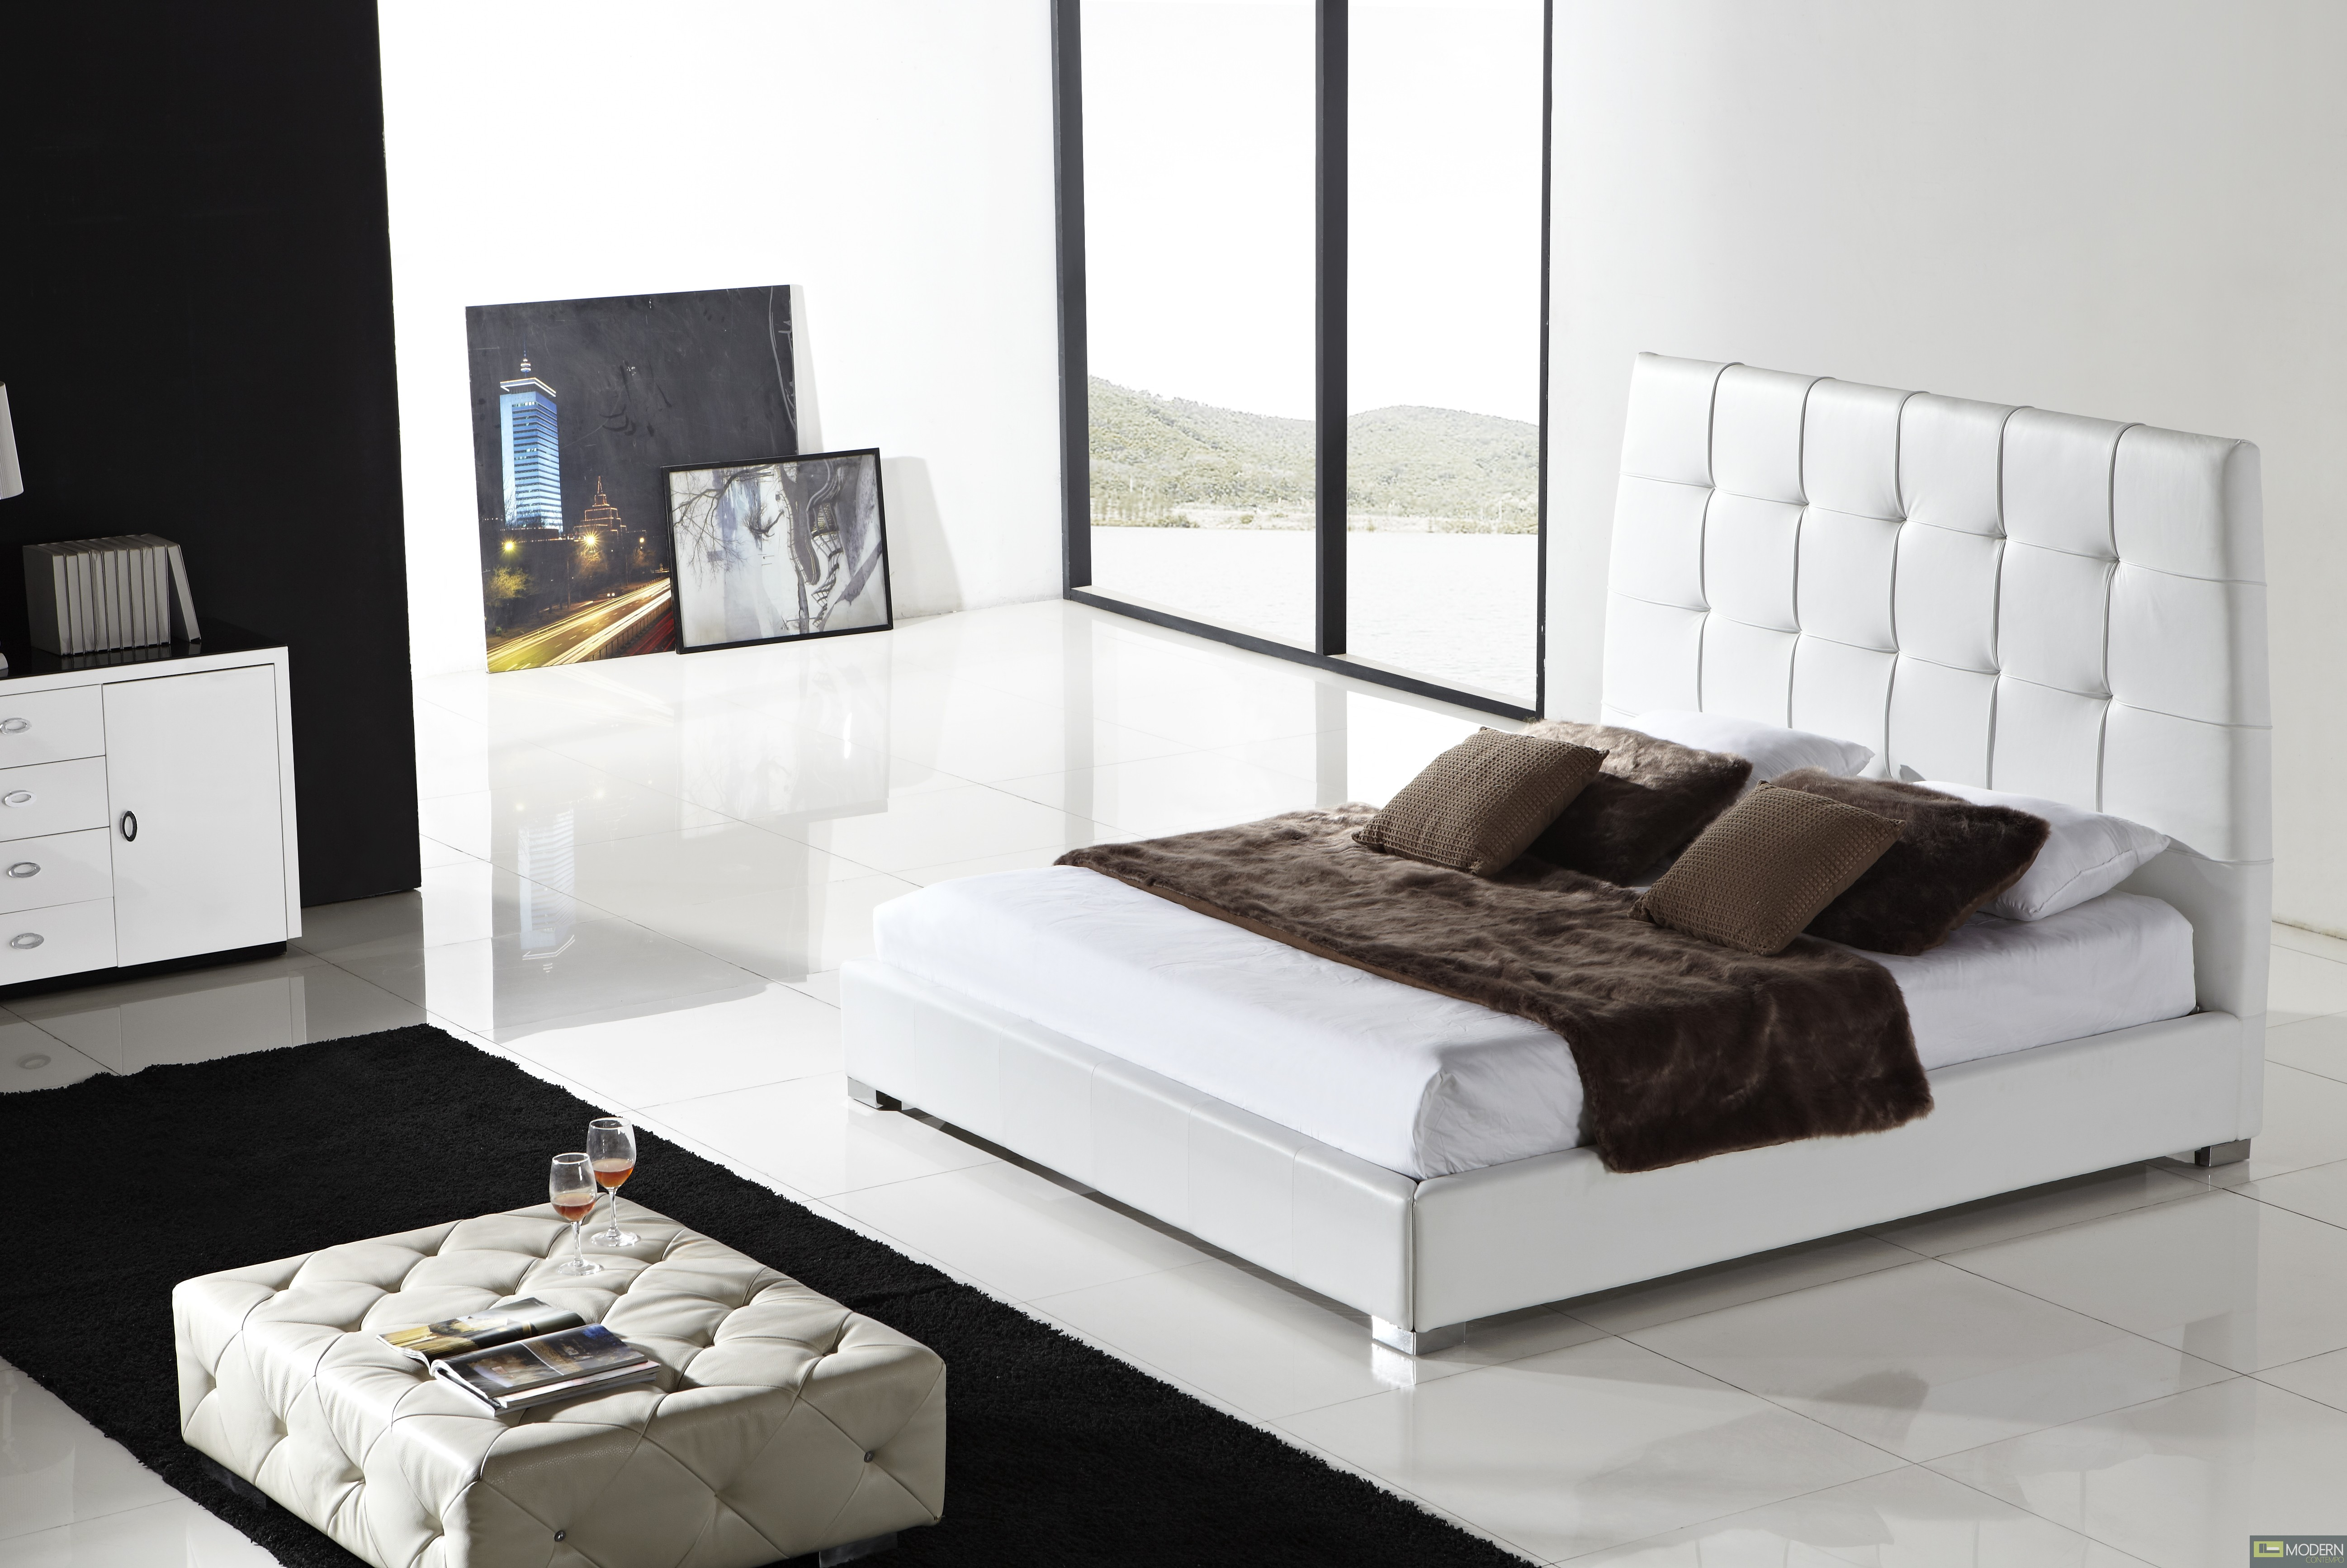 Sorrento - Modern Leather Platform Bed